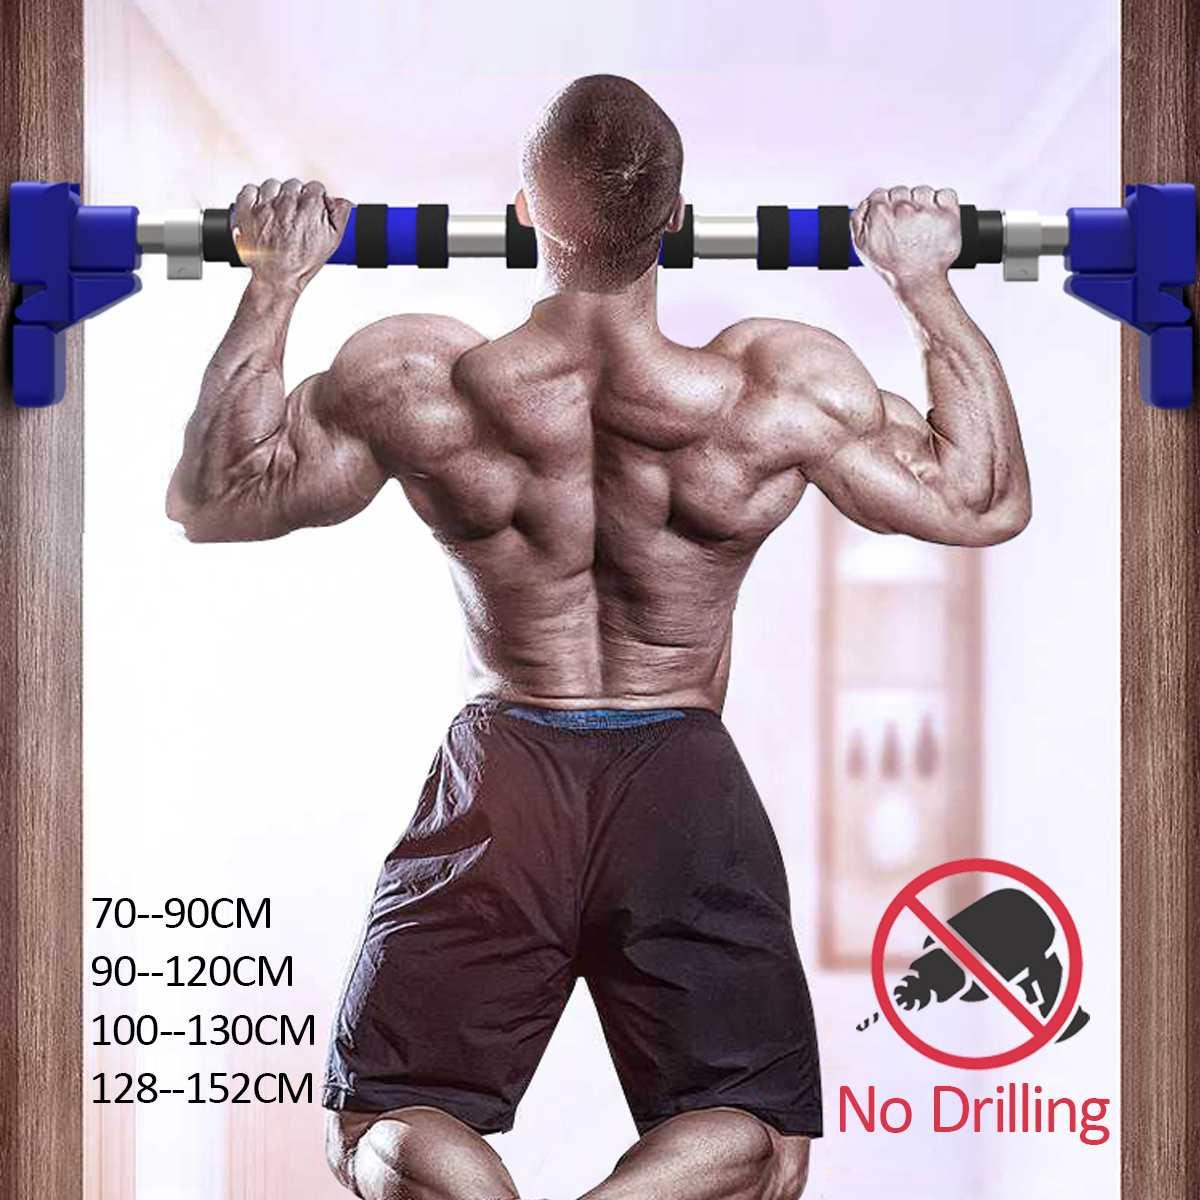 Porte barres horizontales acier 500kg gymnastique à domicile entraînement menton pousser vers le haut barre d'entraînement Sport Fitness Sit-ups équipements résistants